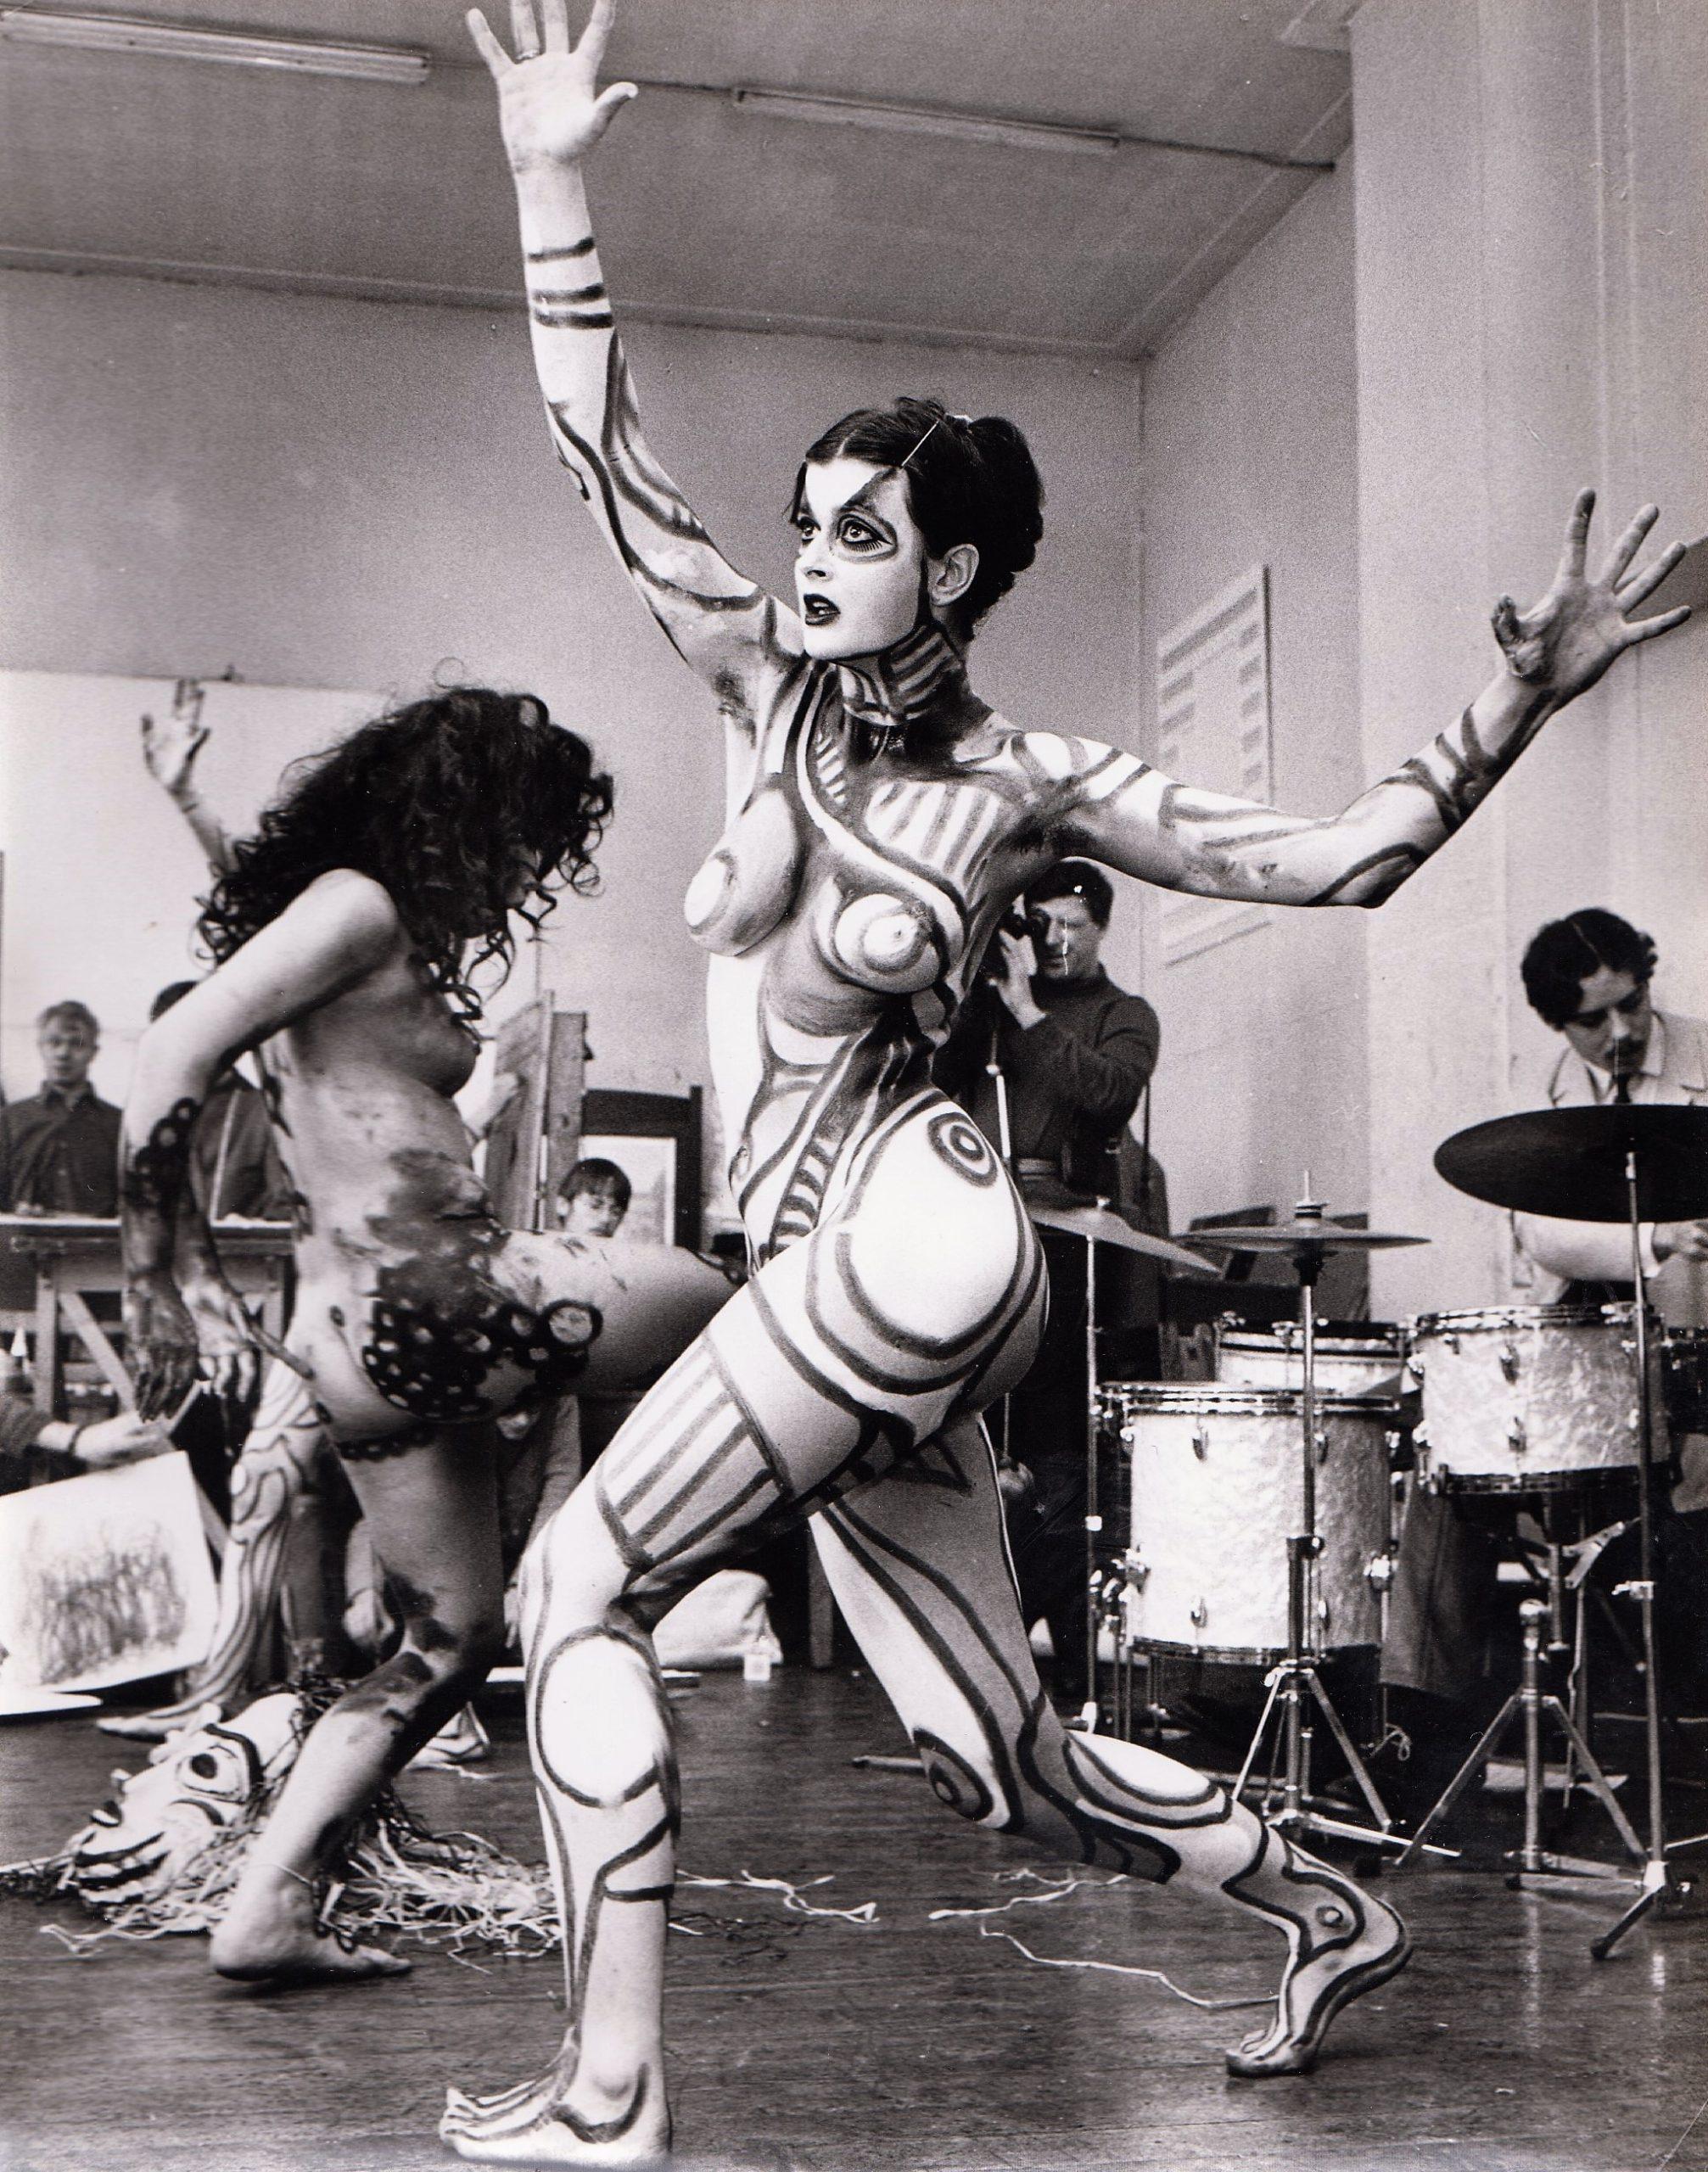 Twee beschilderde modellen dansen op live muziek (foto Tony van Muyden, wrs eind jaren '60)rs eind jaren '60